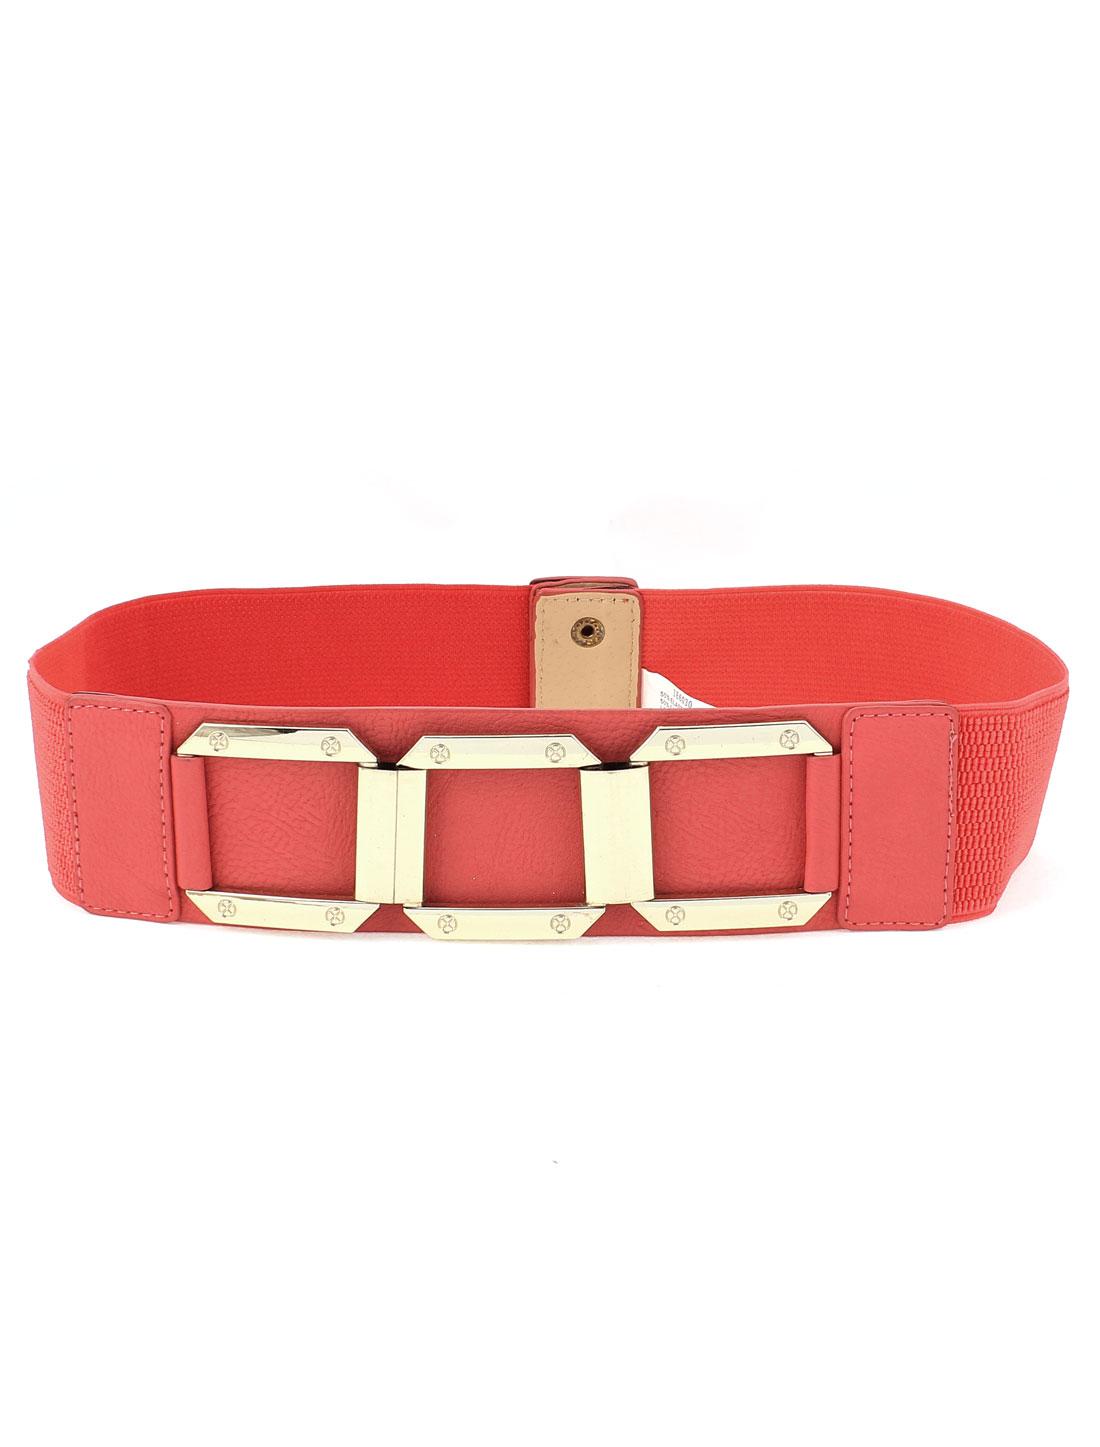 Women Metal Interlock Buckle Wide Elastic Waist Belt Cinch Pink